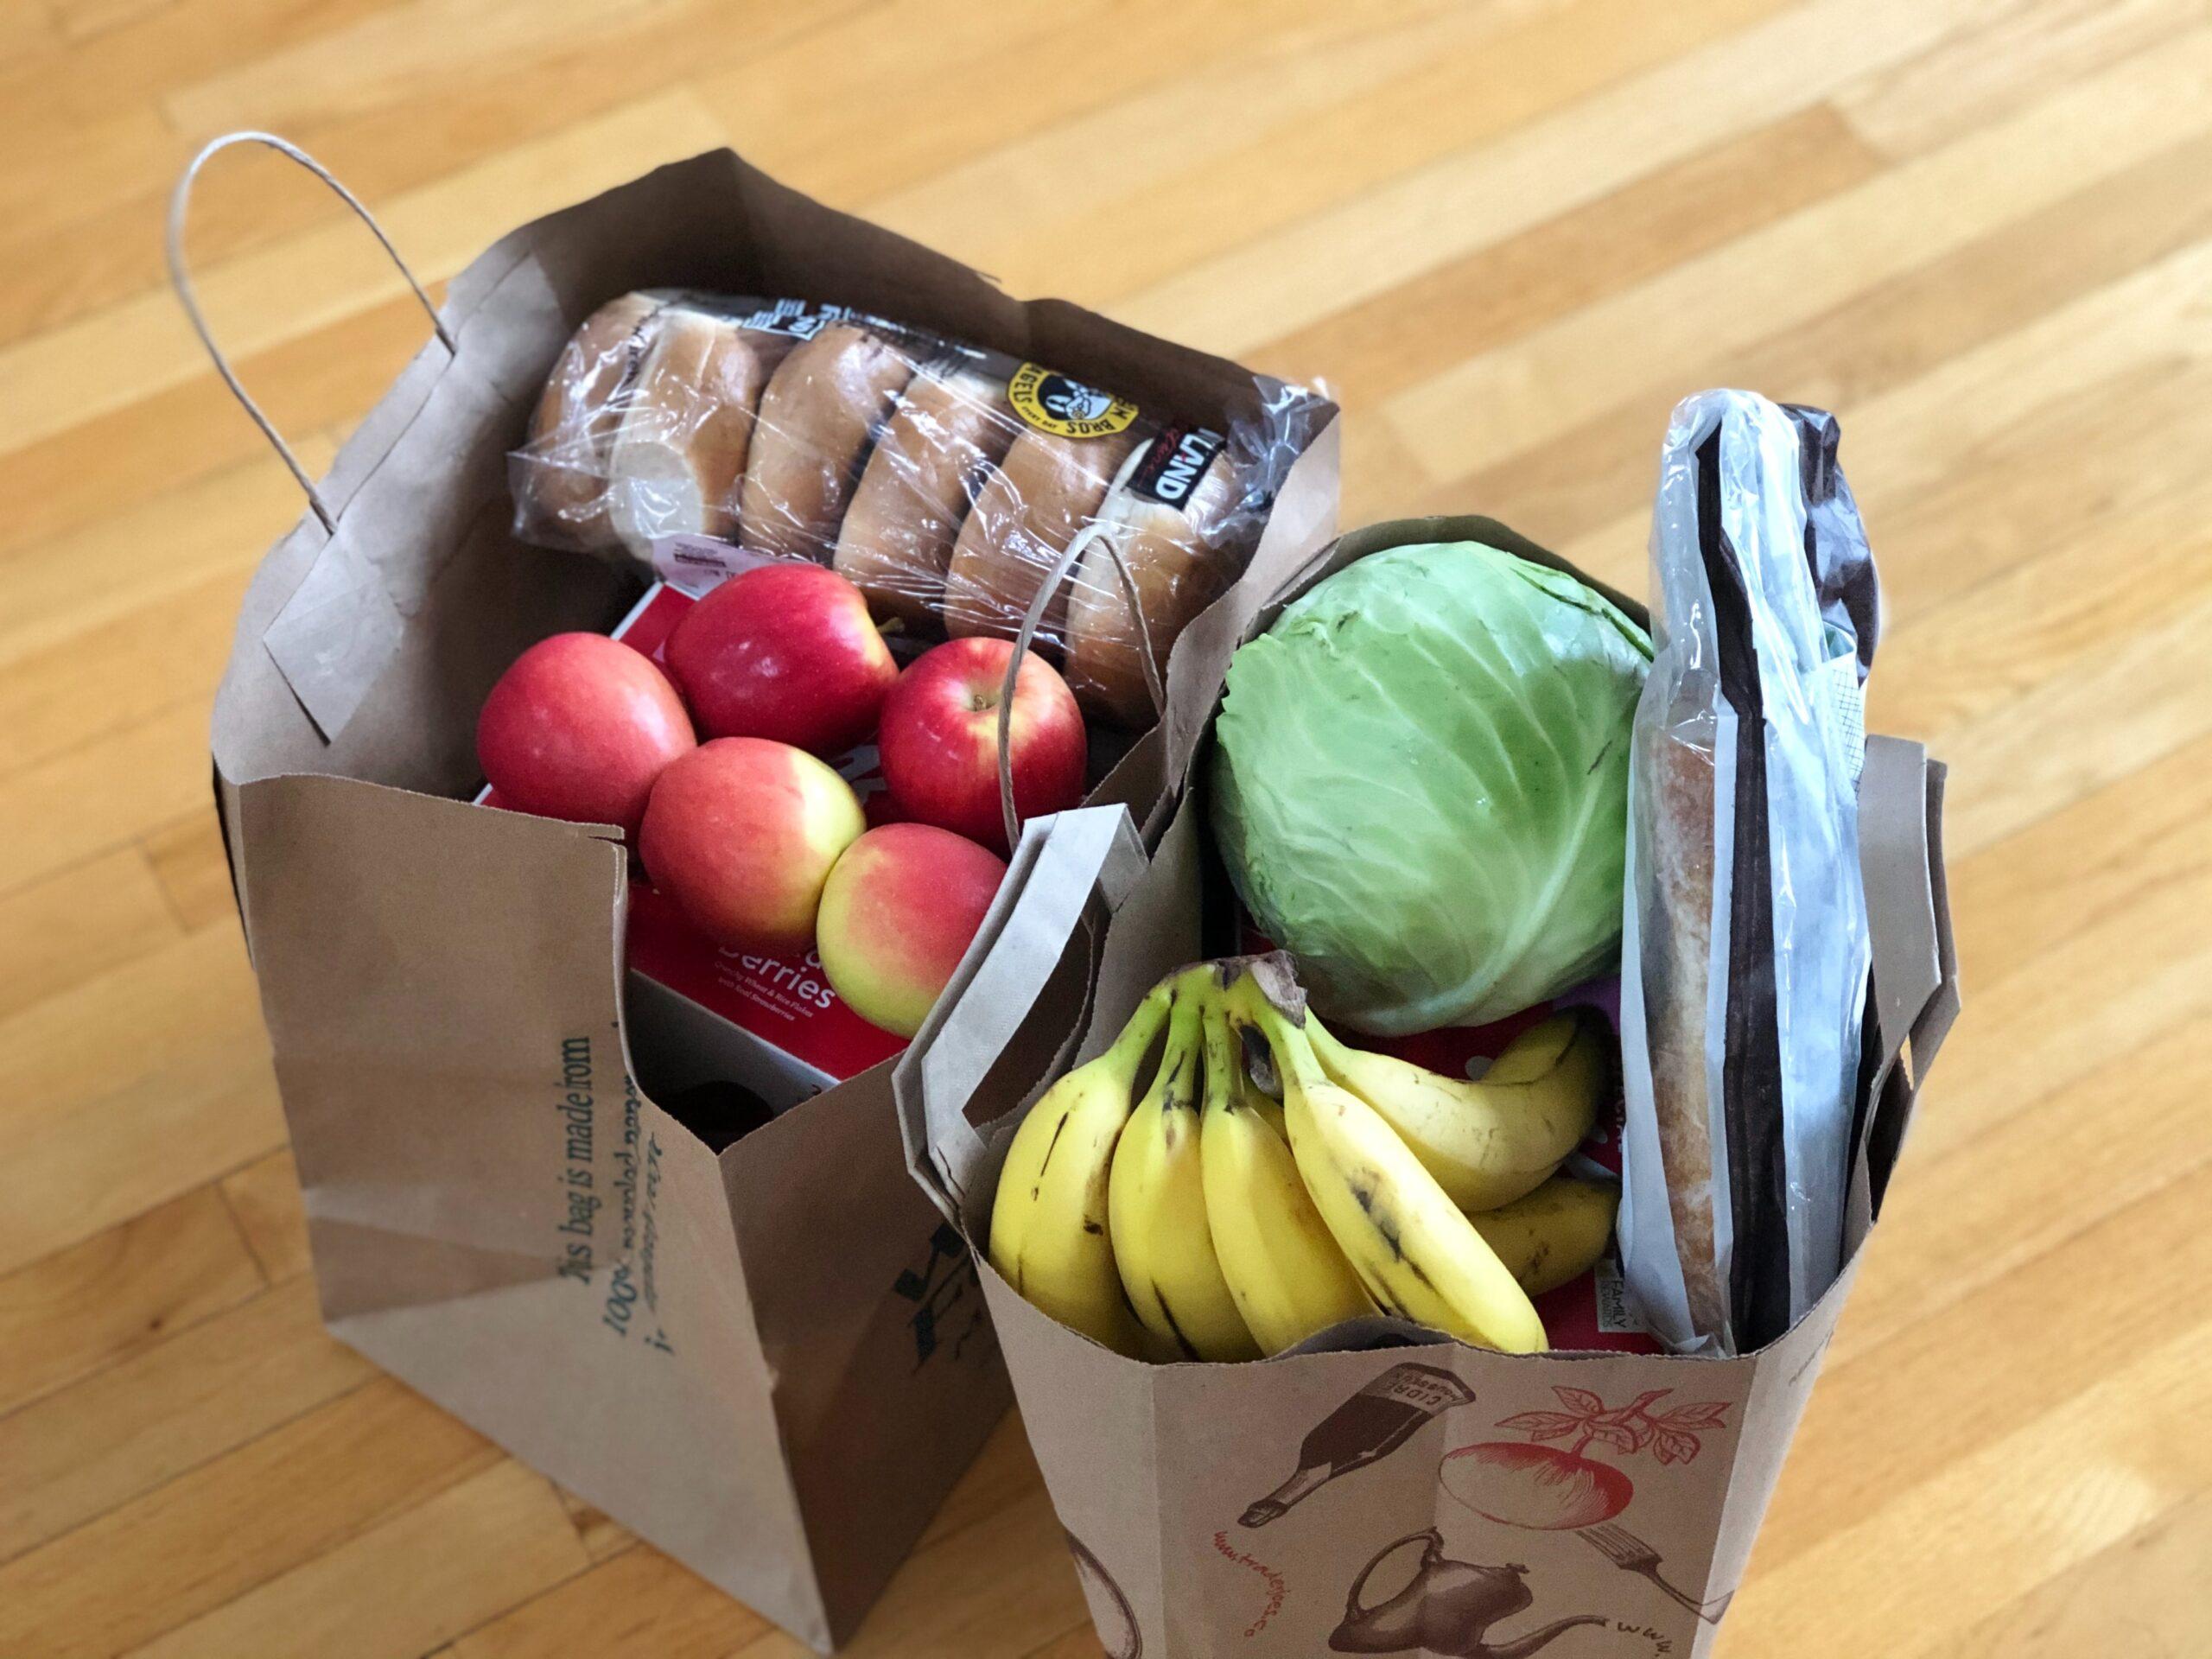 Fare la spesa in modo sano